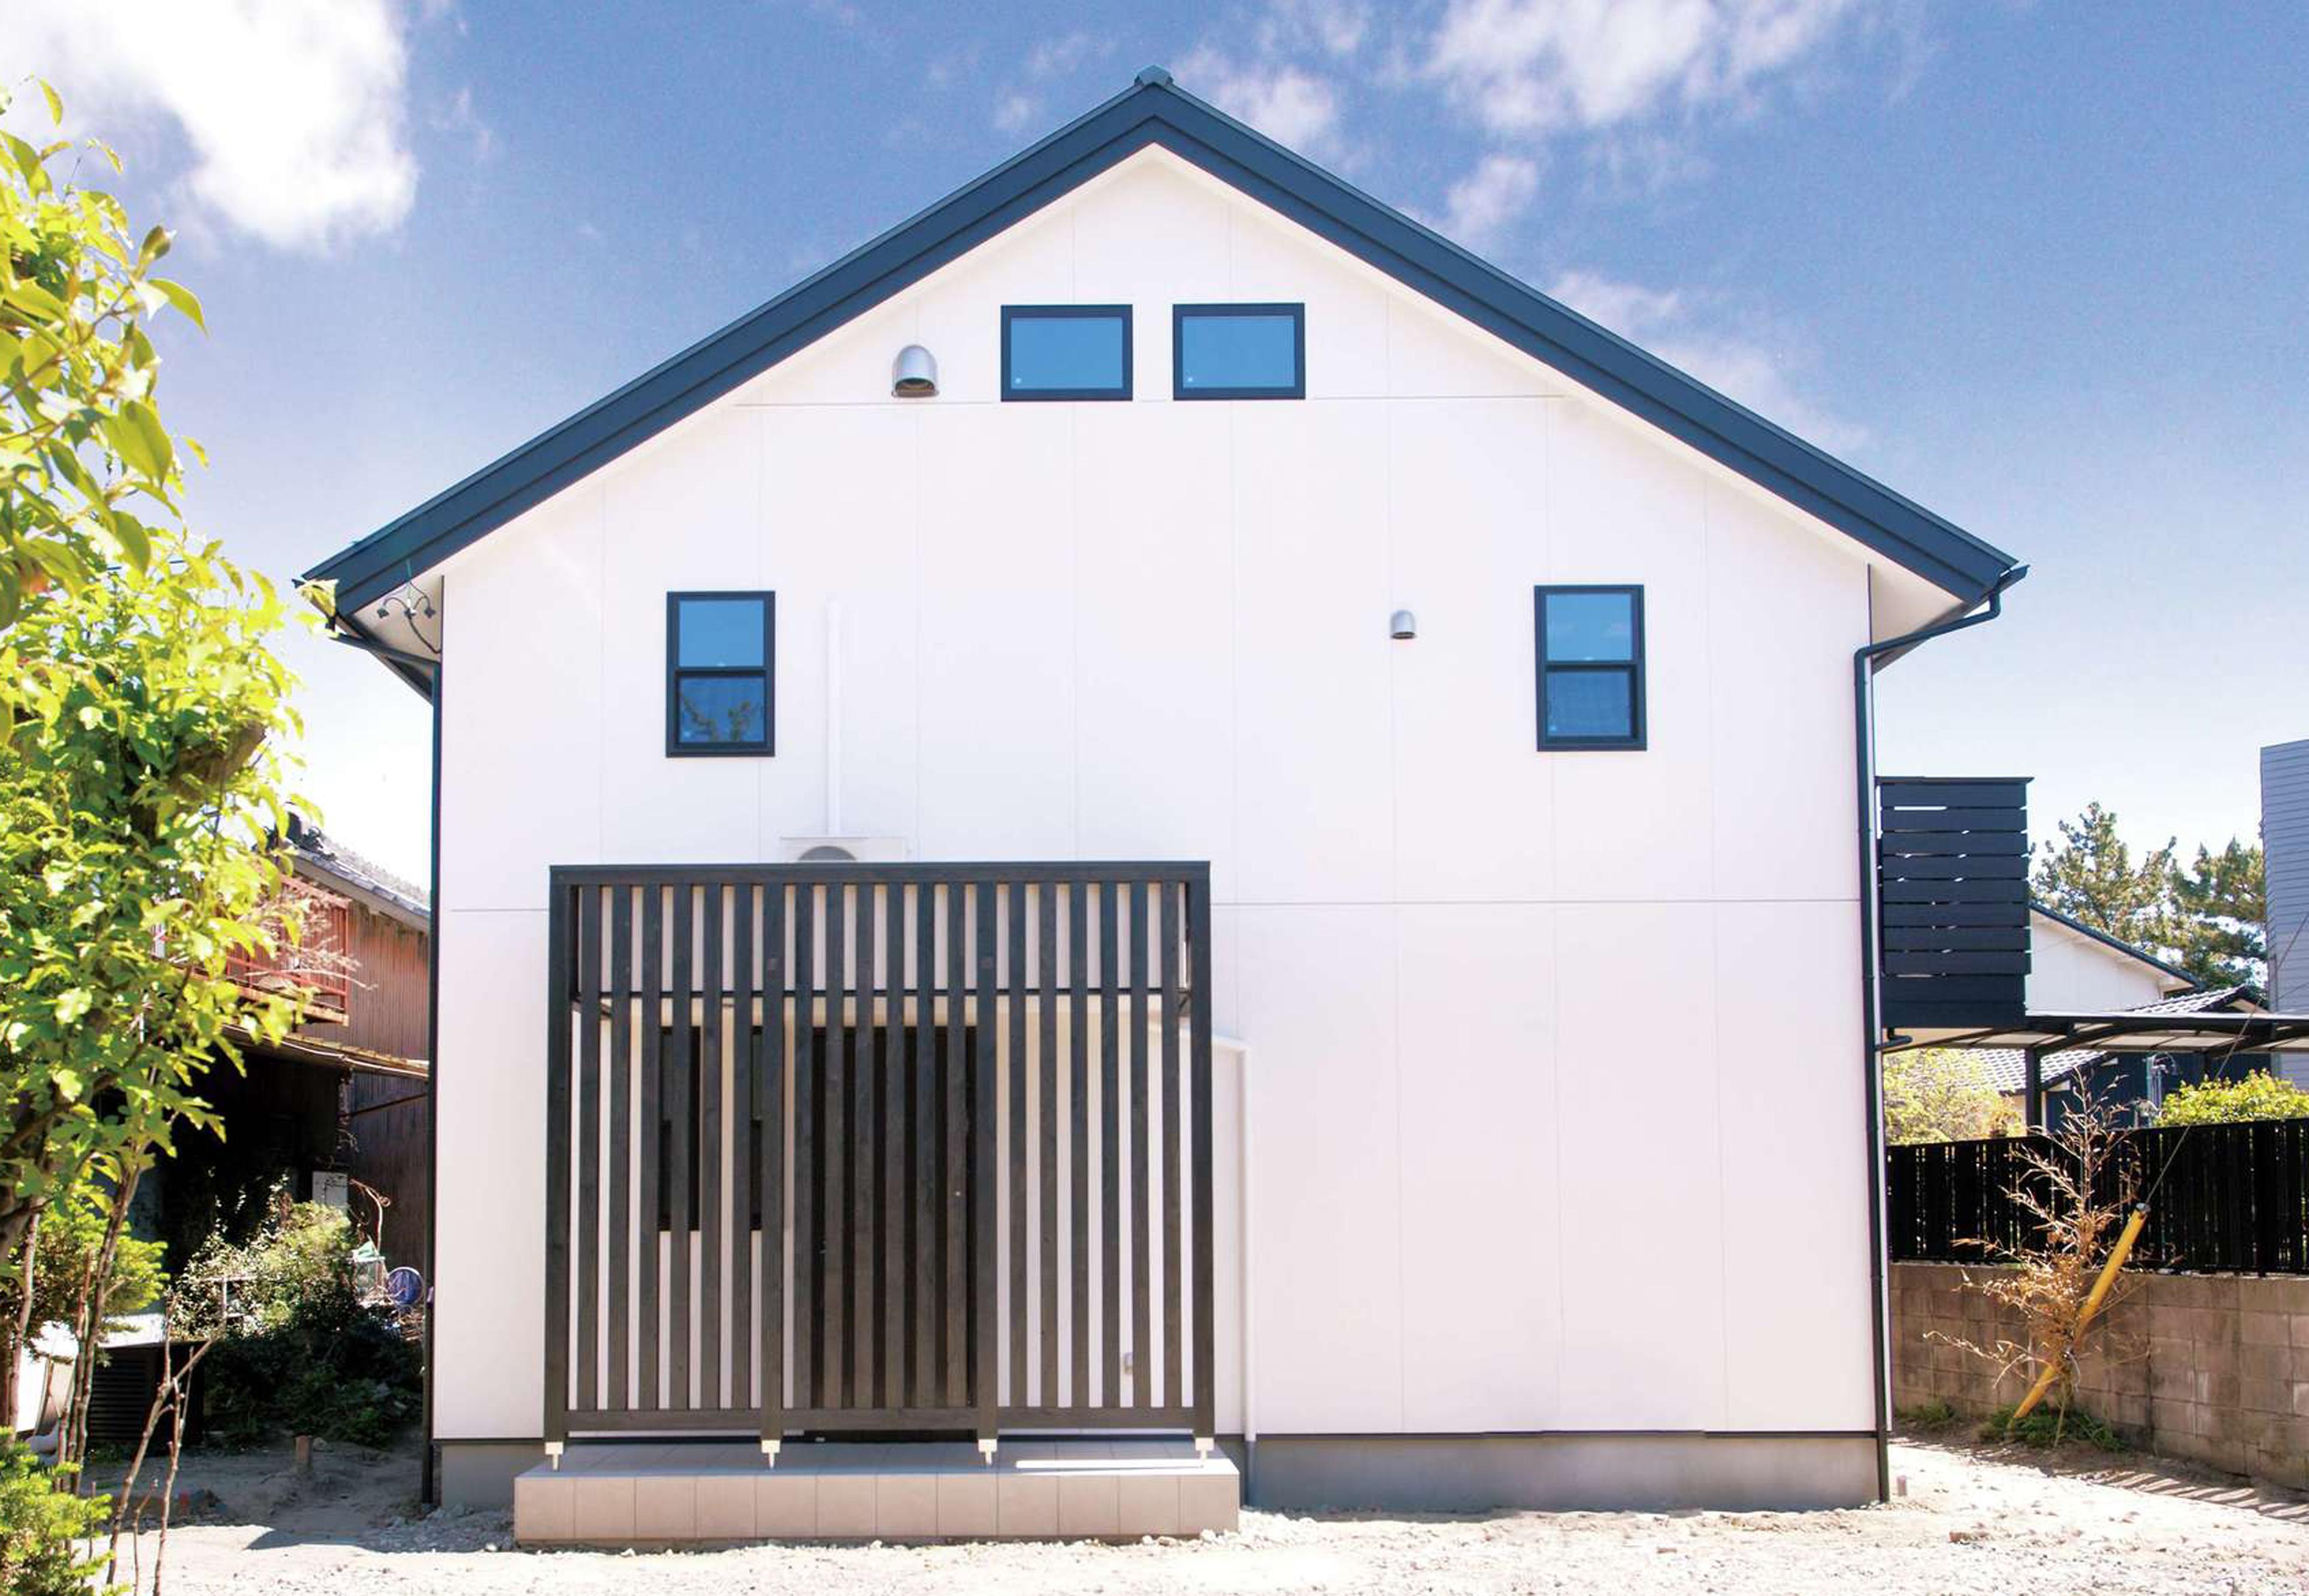 サイエンスホーム【1000万円台、趣味、自然素材】シンプルな切り妻屋根の外観デザイン。玄関回りの格子がアクセントに